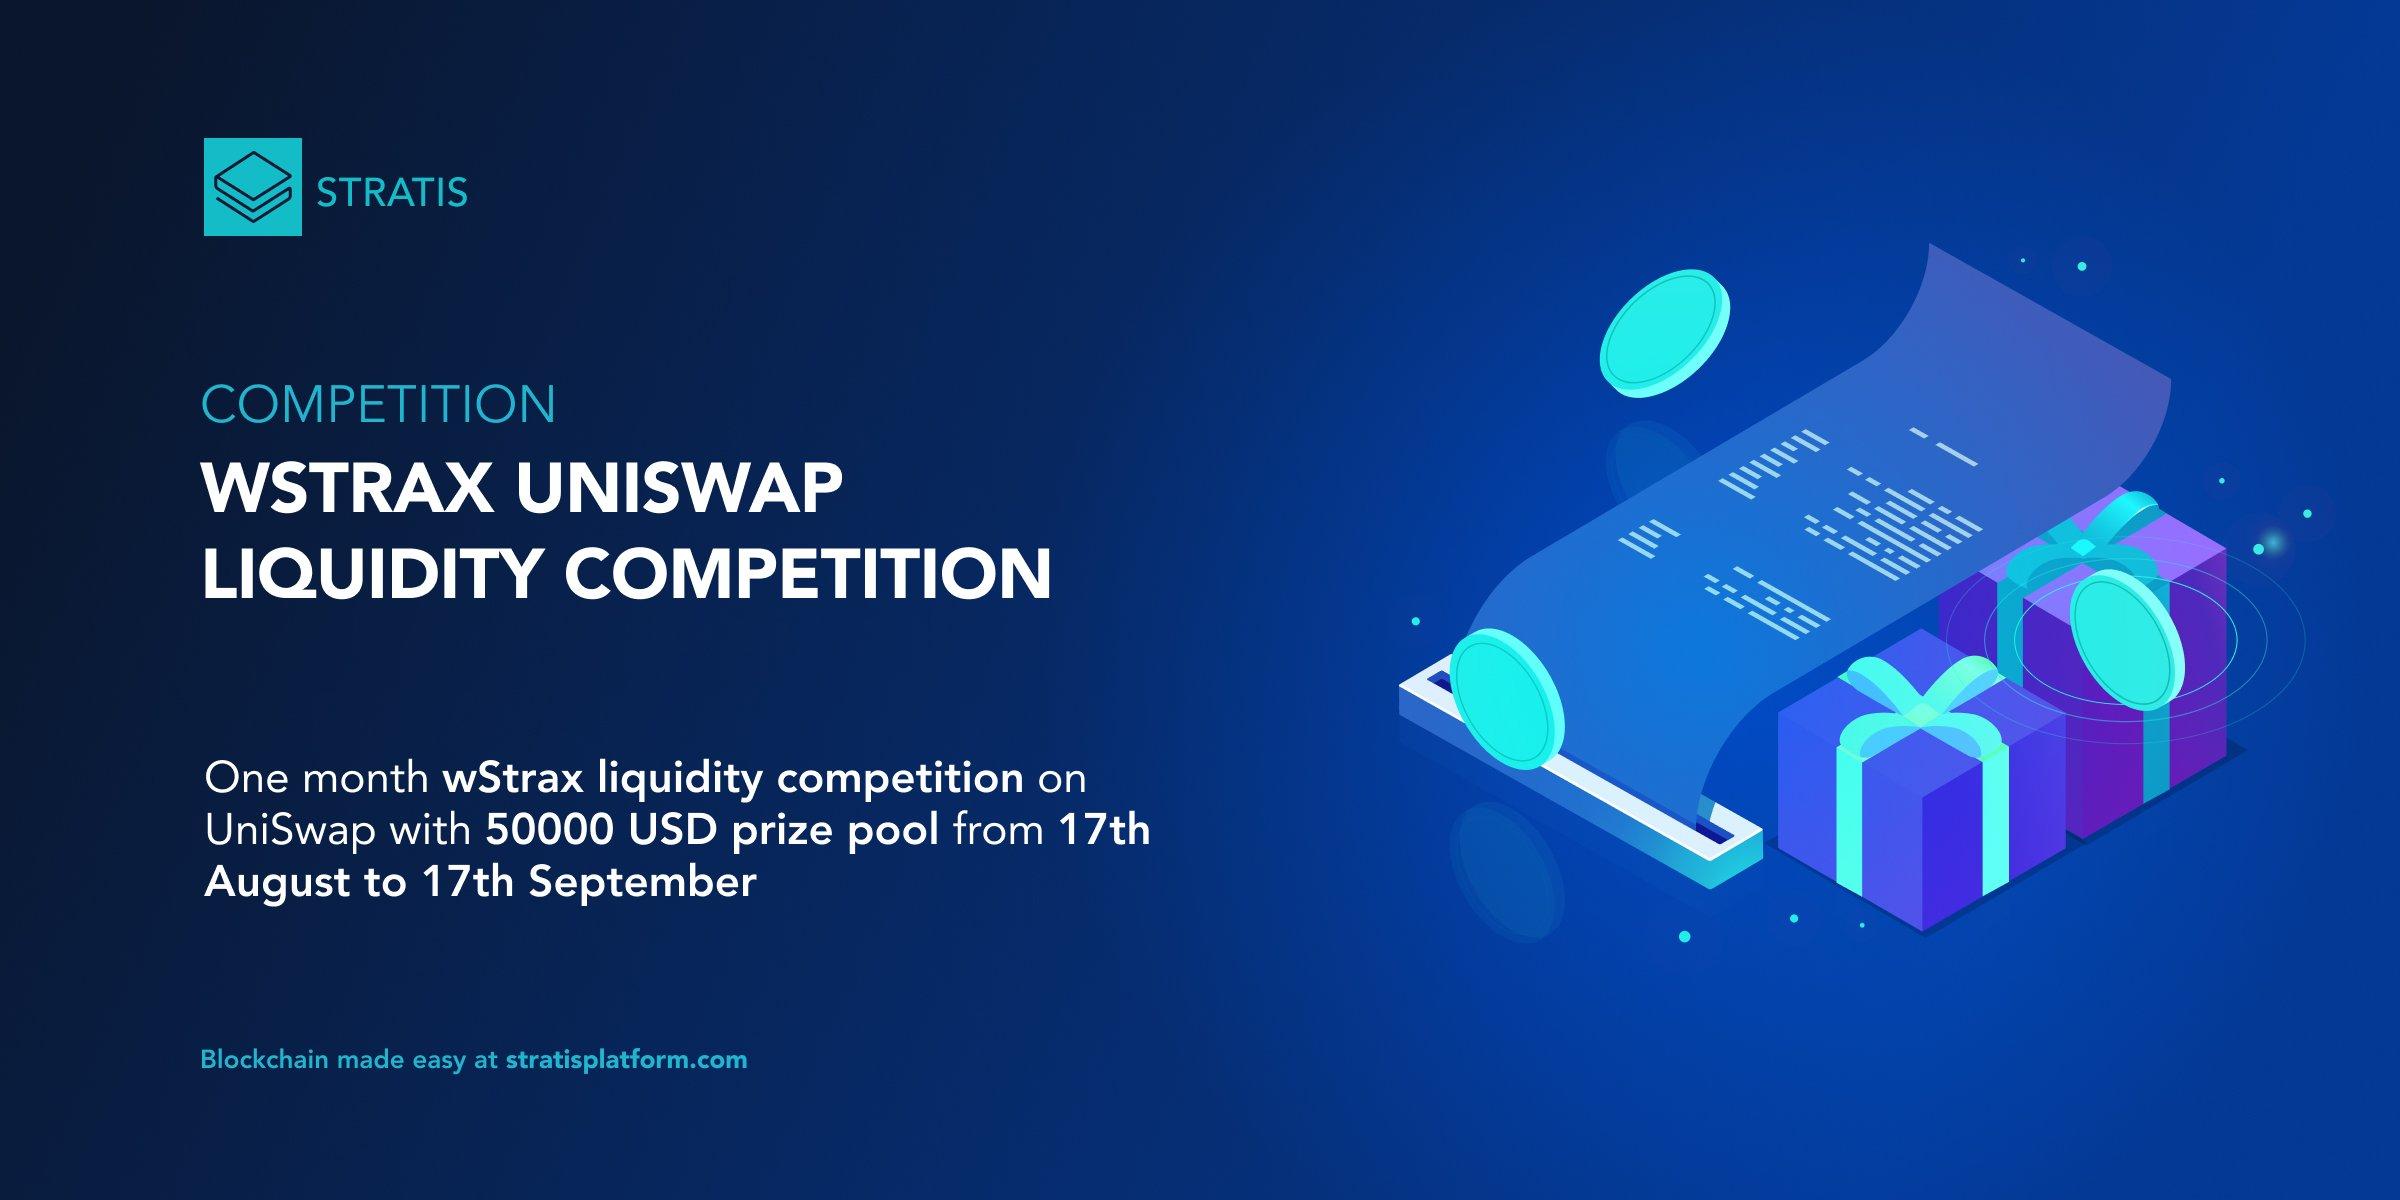 wSTRAX UniSwap Liquidity Competition